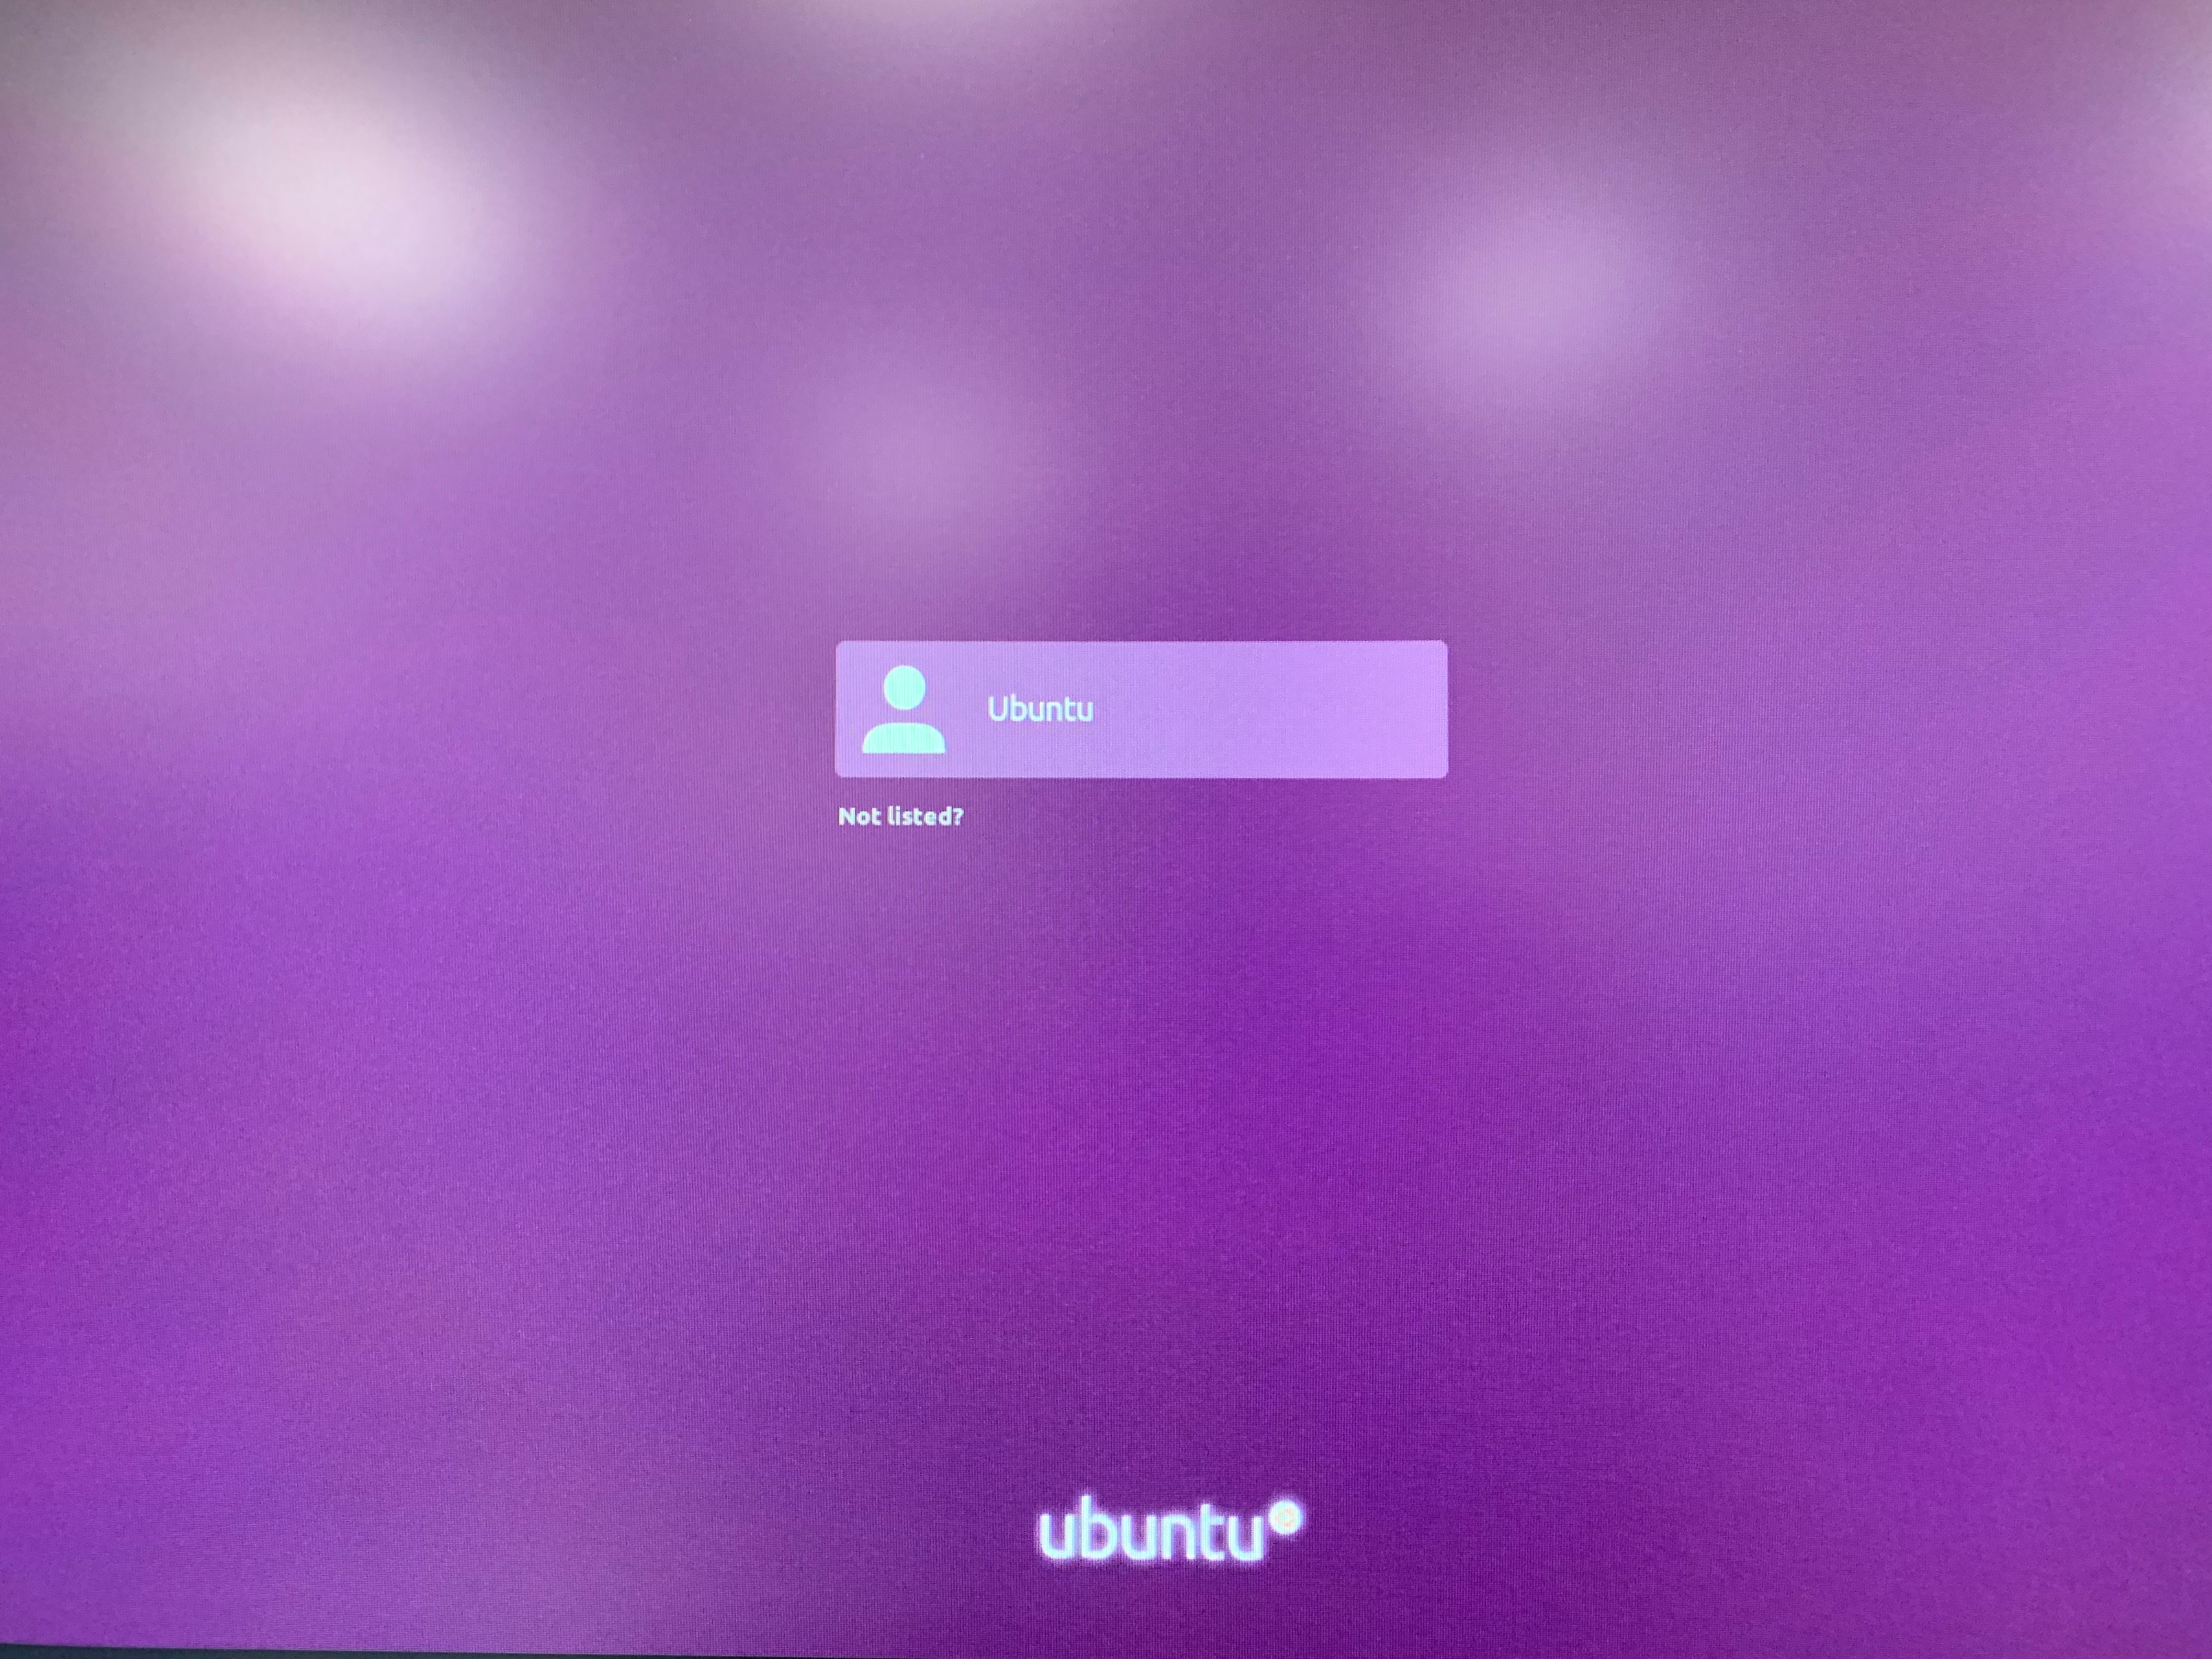 【 Edge 】於 Ubuntu Server 19.10 安裝 Ubuntu Desktop